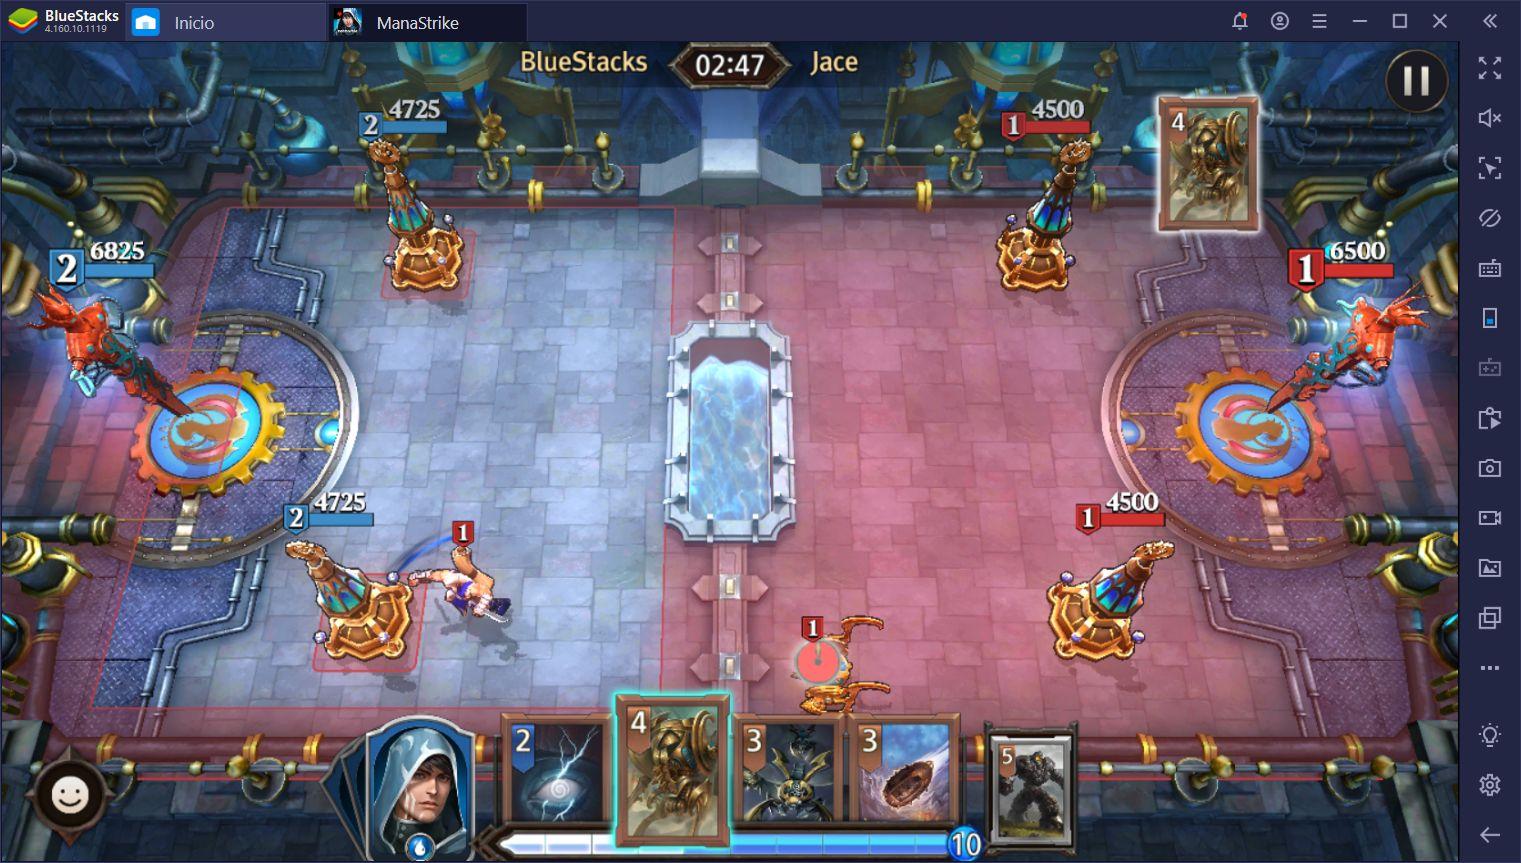 Cómo Usar BlueStacks Para Ganar en Magic: ManaStrike